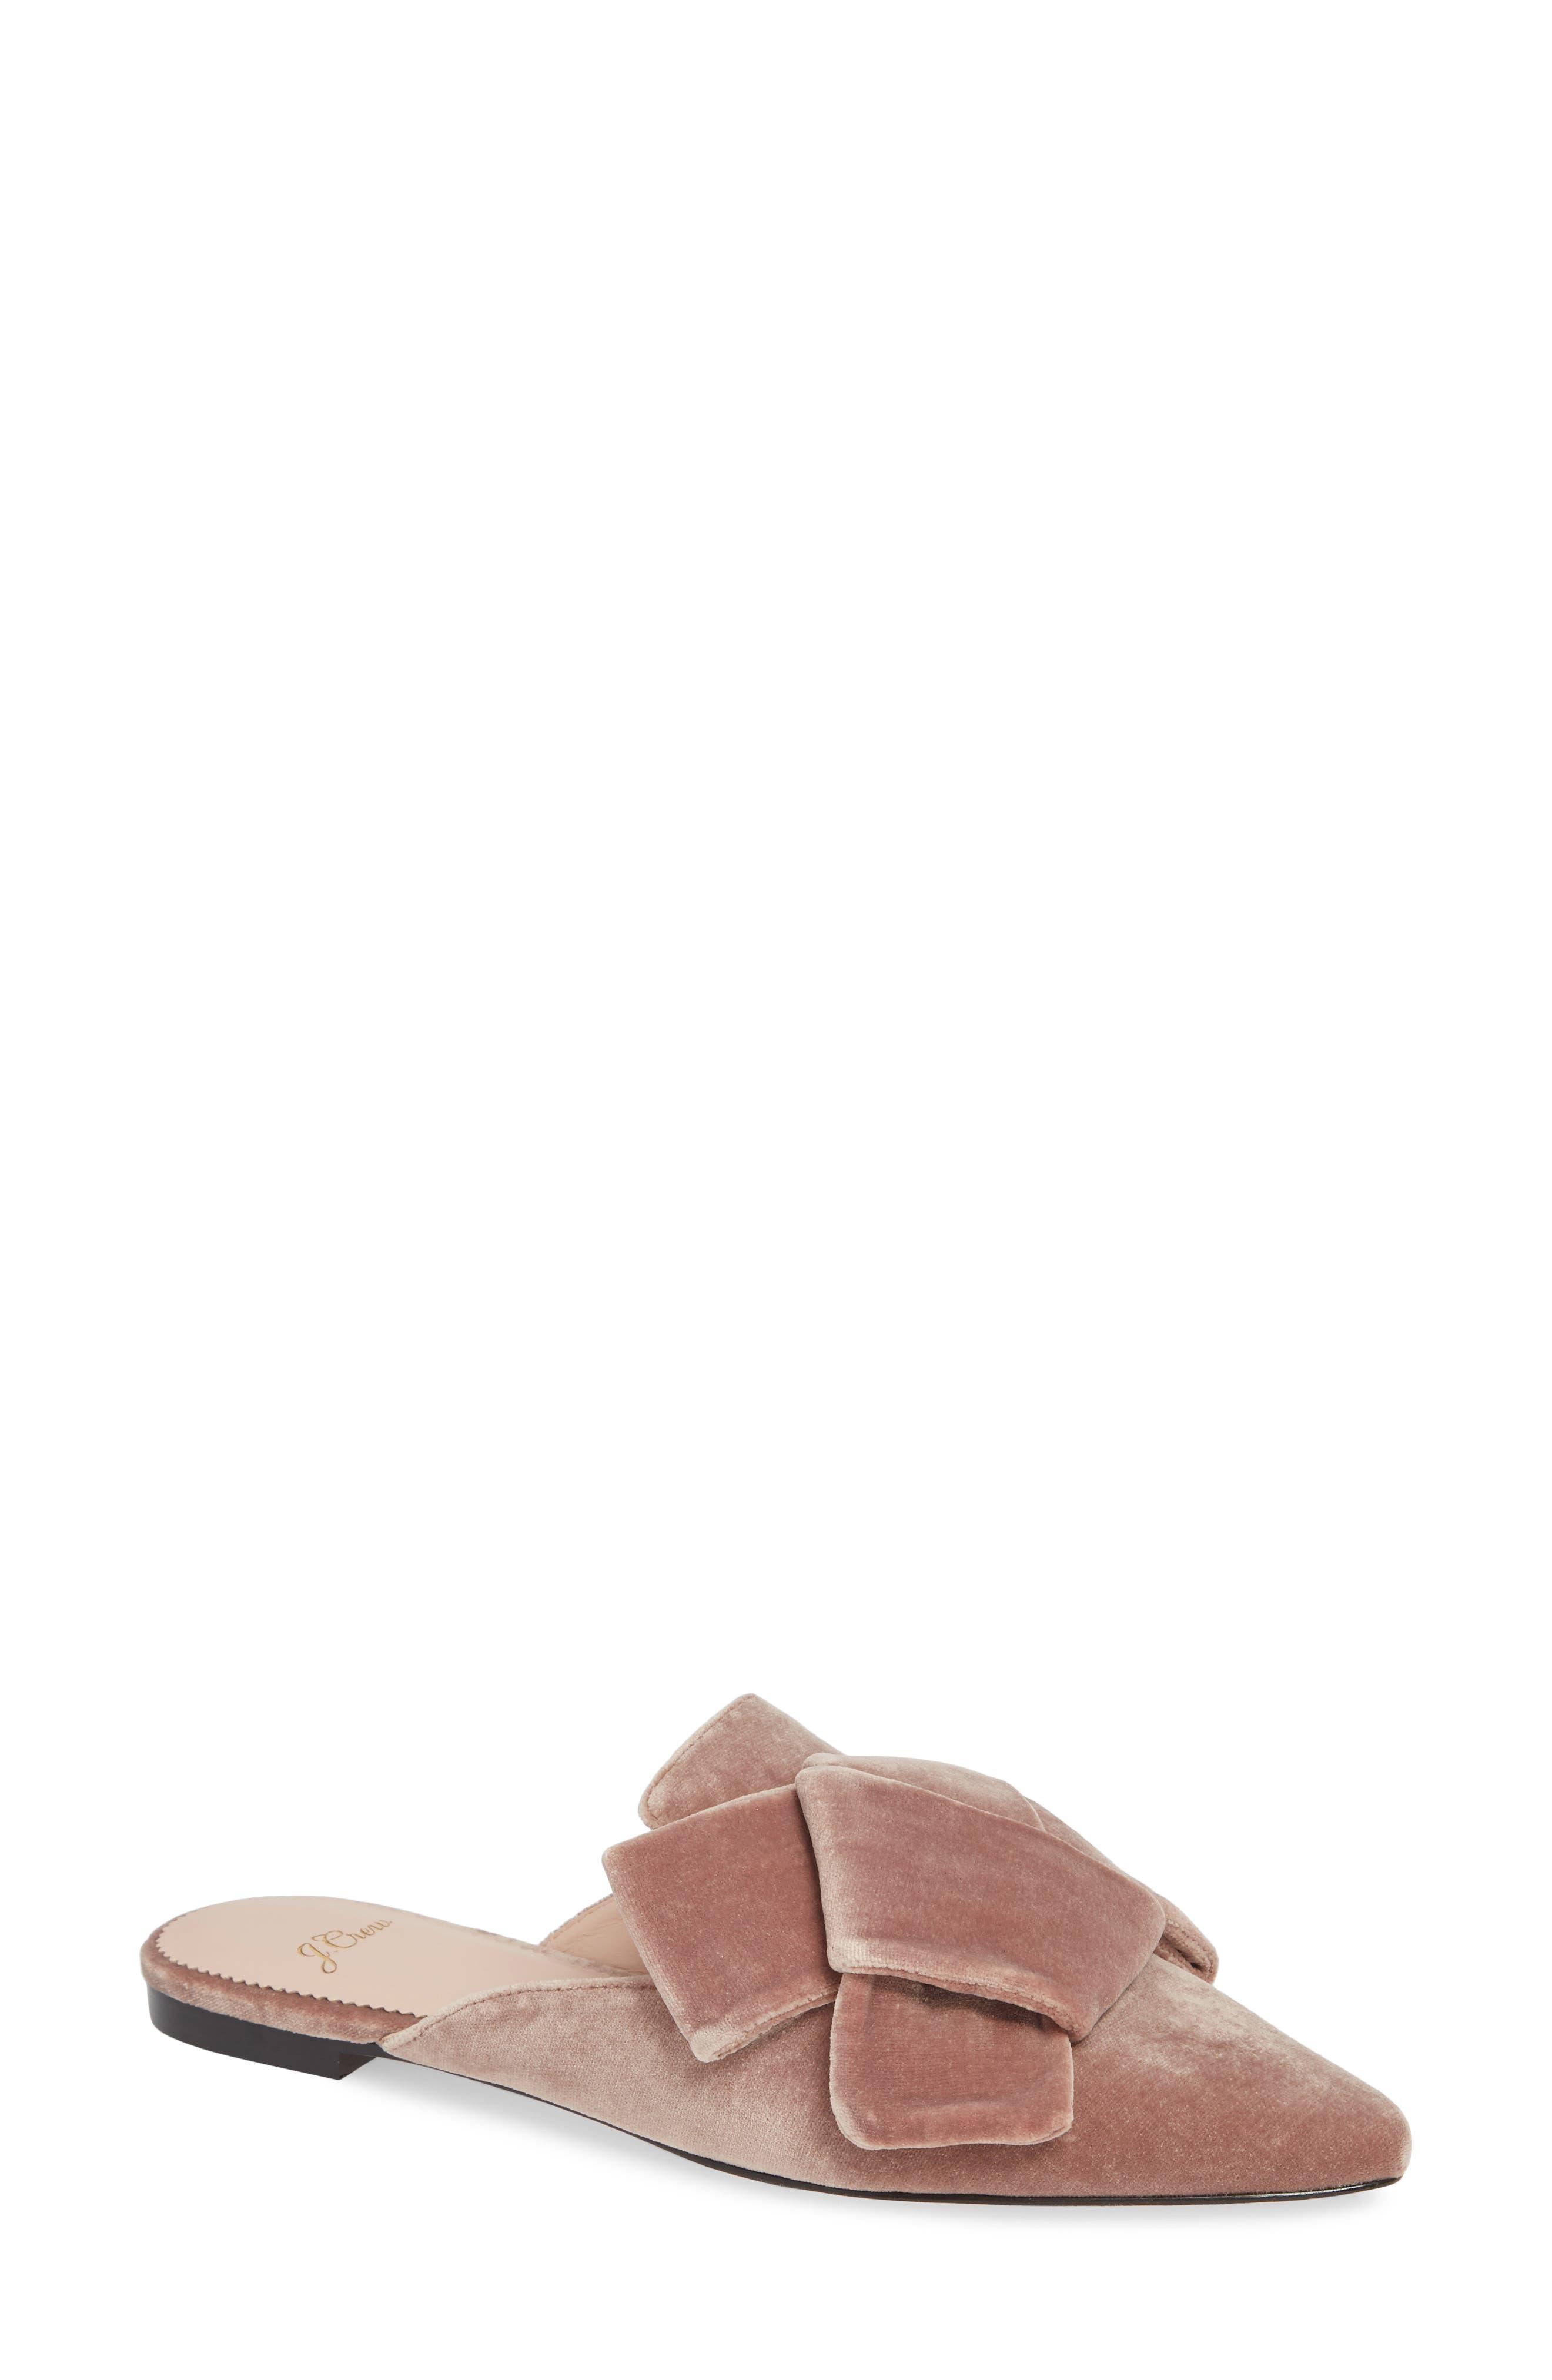 J.crew Pointed Toe Slide Sandal, Pink